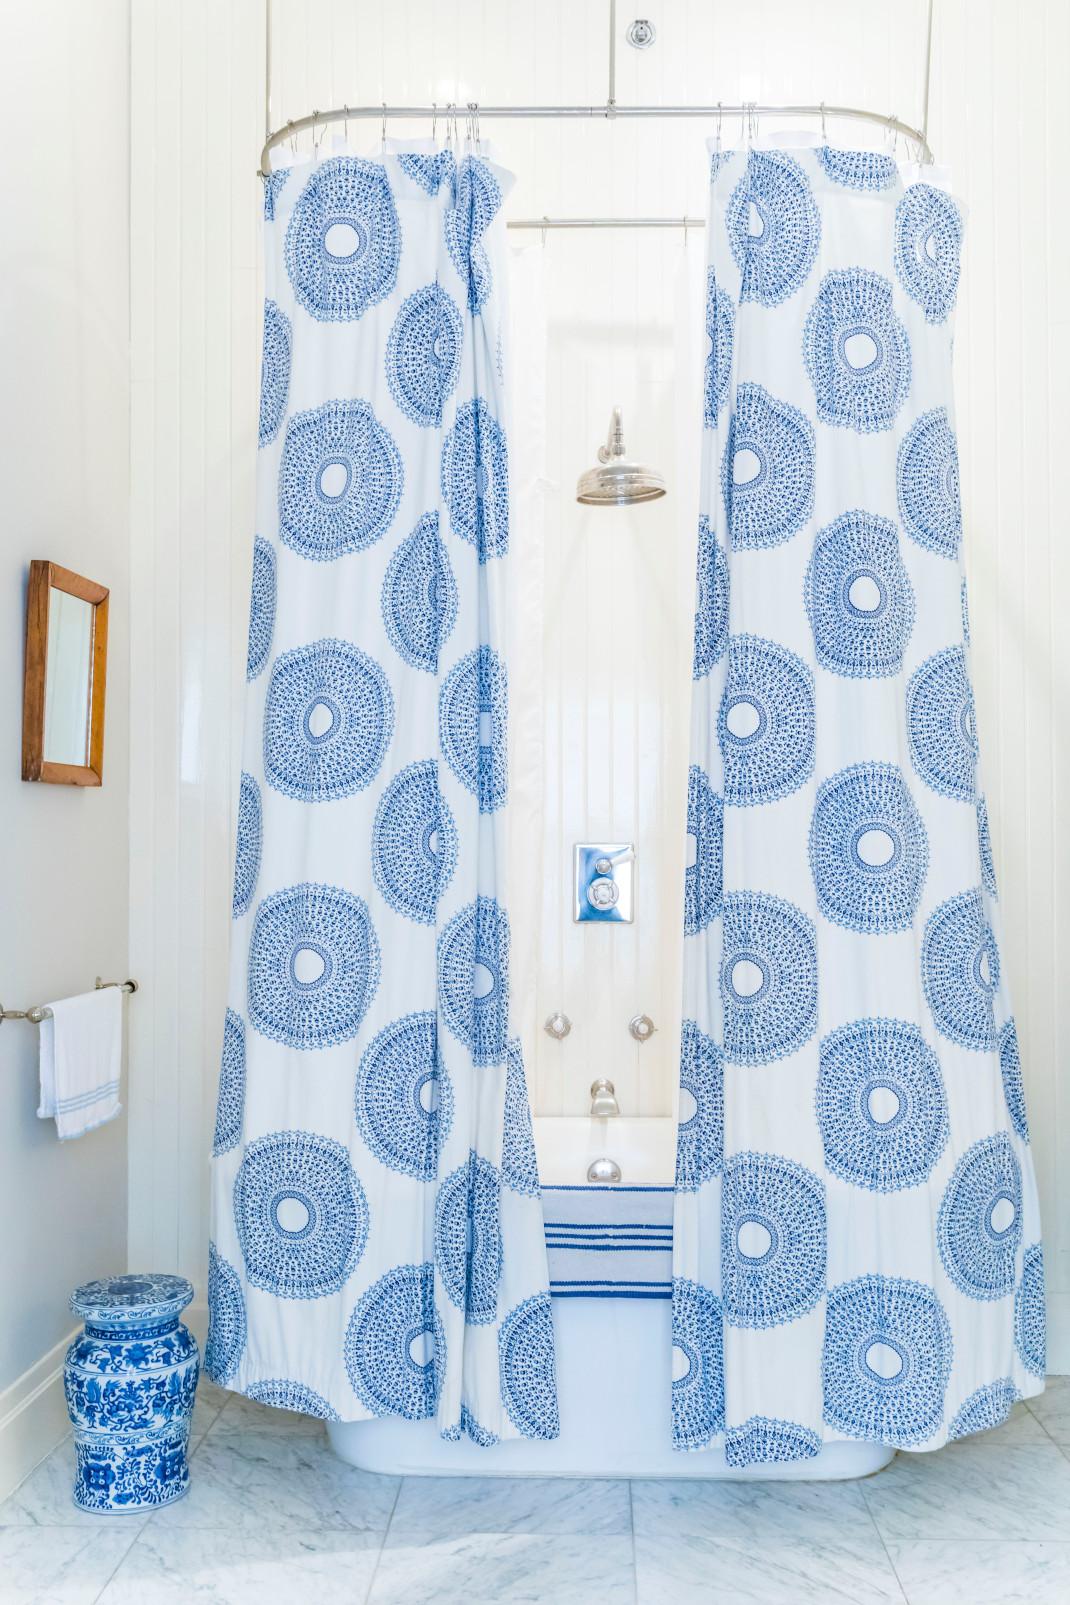 Μπάνιο με κουρτίνες